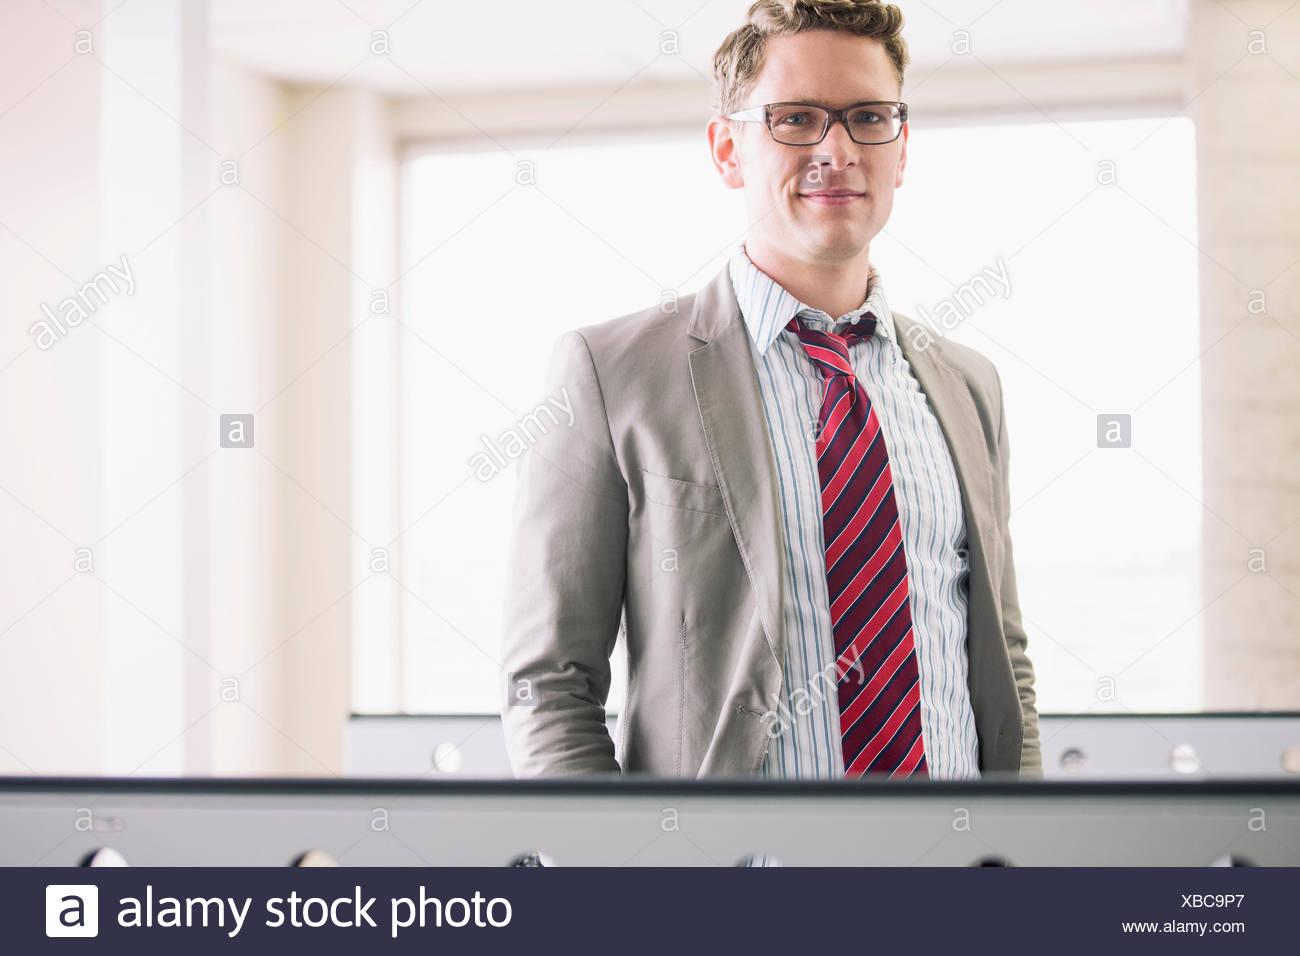 Porträt der schönen mittleren Erwachsenenalter Geschäftsmann Stockbild